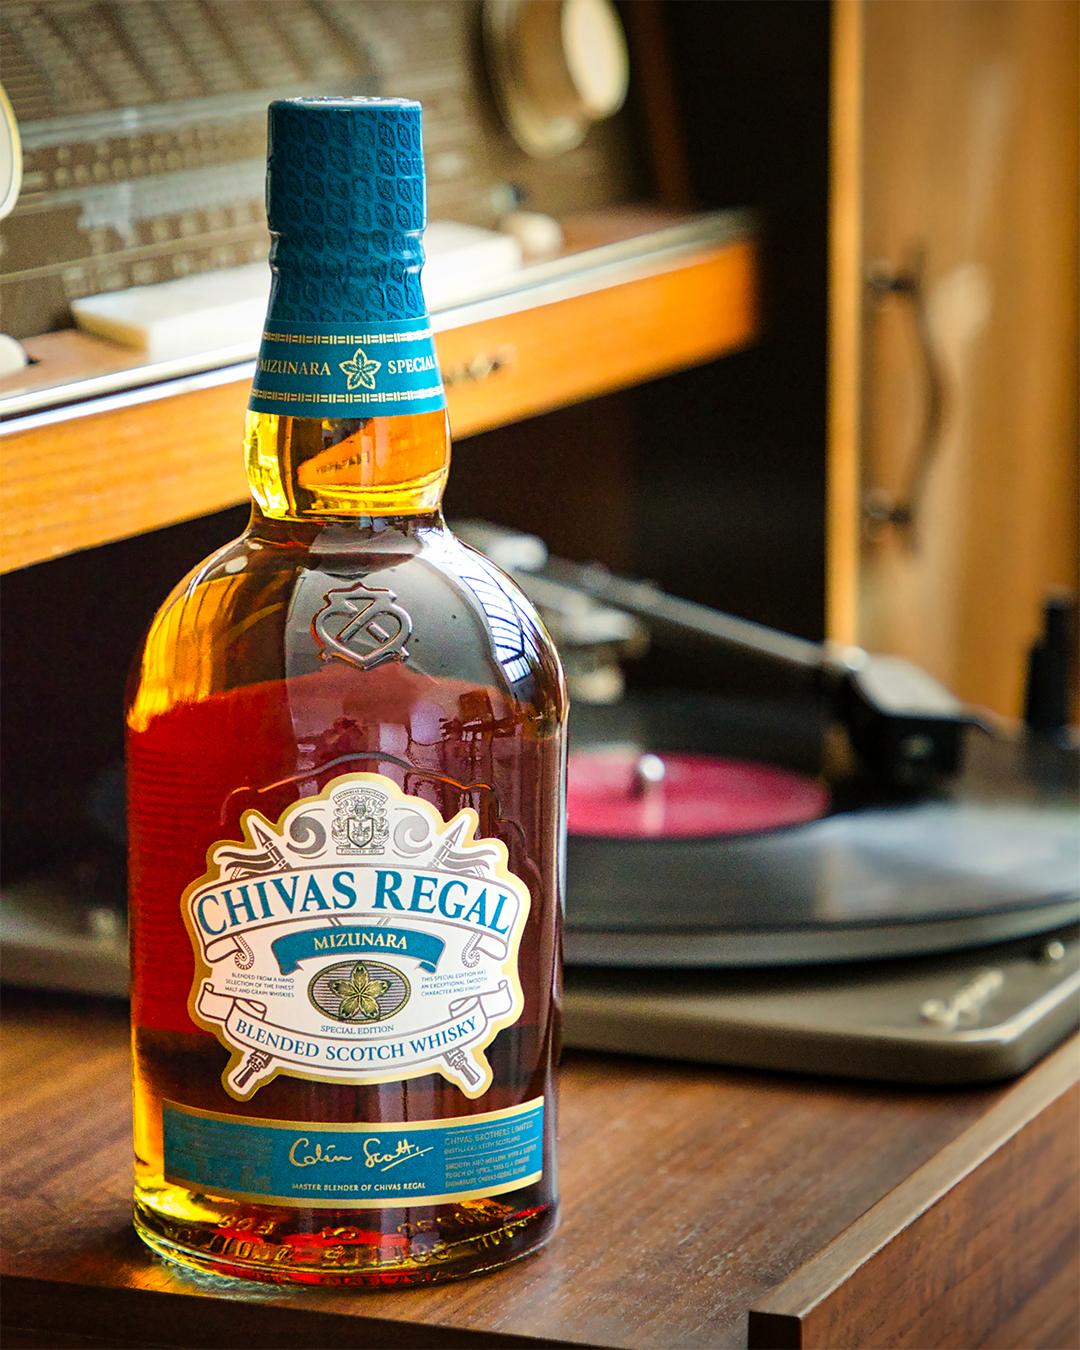 Chivas Regal Mizunara es perfecto para los que disfrutan de un whisky de lujo único y asequible. Presenta aromas de pera y naranja, mientras que el sabor es suave y rico en dulzura de miel y un toque de avellana. Tras el éxito en Japón y posteriormente en Francia y Tailandia, aficionados al whisky podrán experimentar su sabor único. Disponible en El Hórreo de V. Suárez y supermercados. (Suministrada)